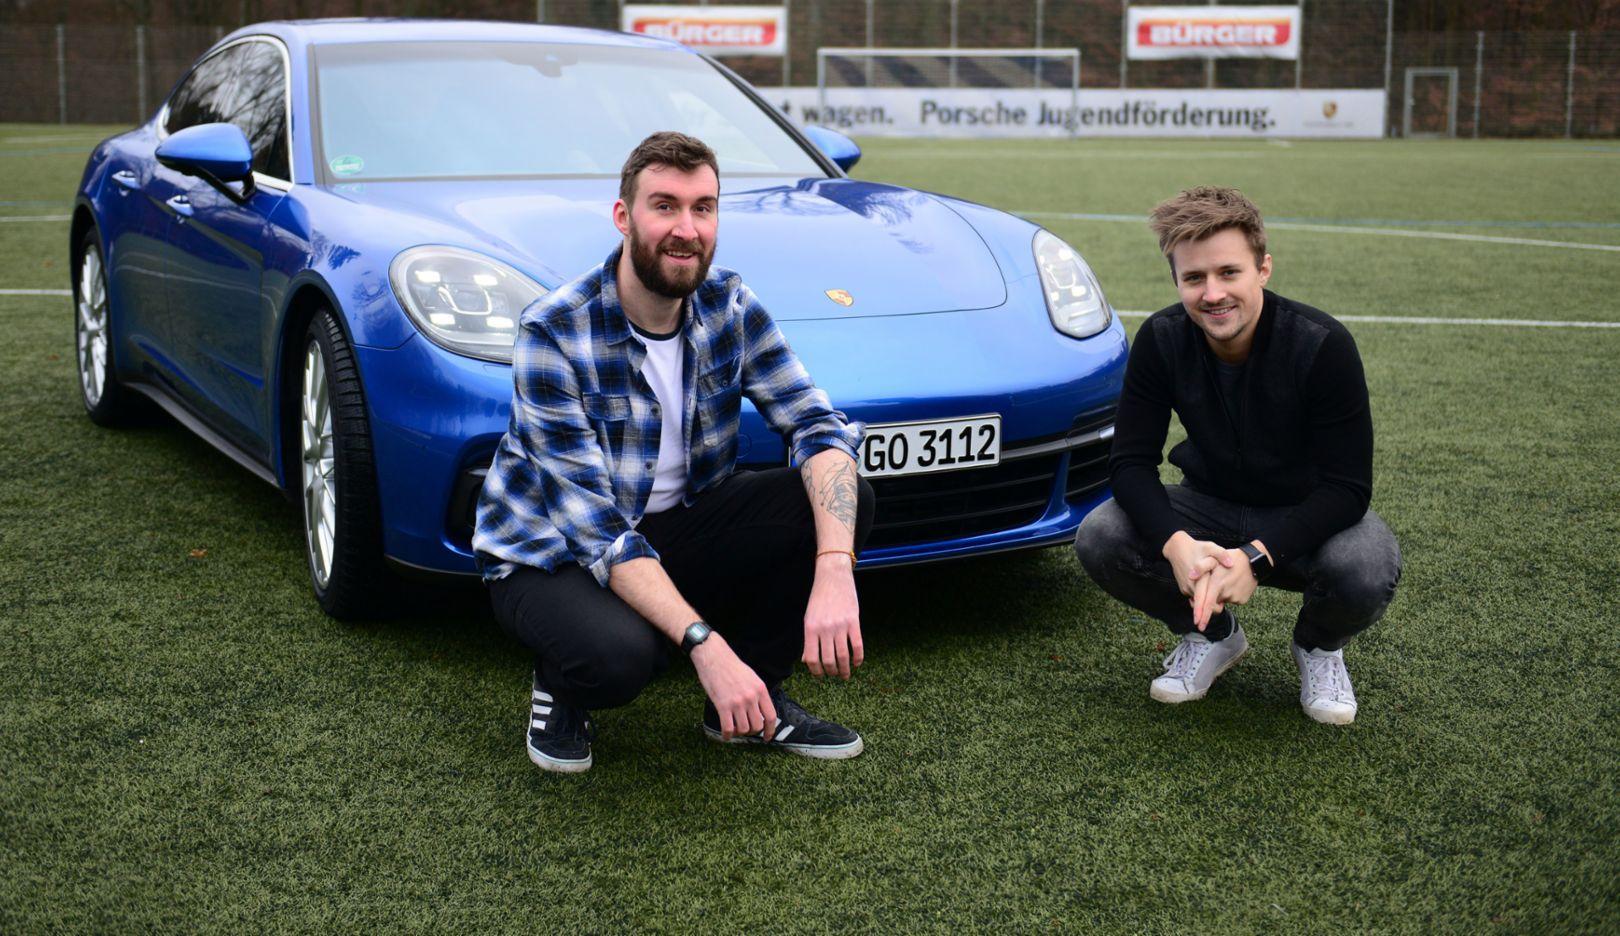 Markus Hermann, Marvin Ronsdorf, l-r, Sport-Blogger, Panamera 4S, Stuttgart, 2017, Porsche AG